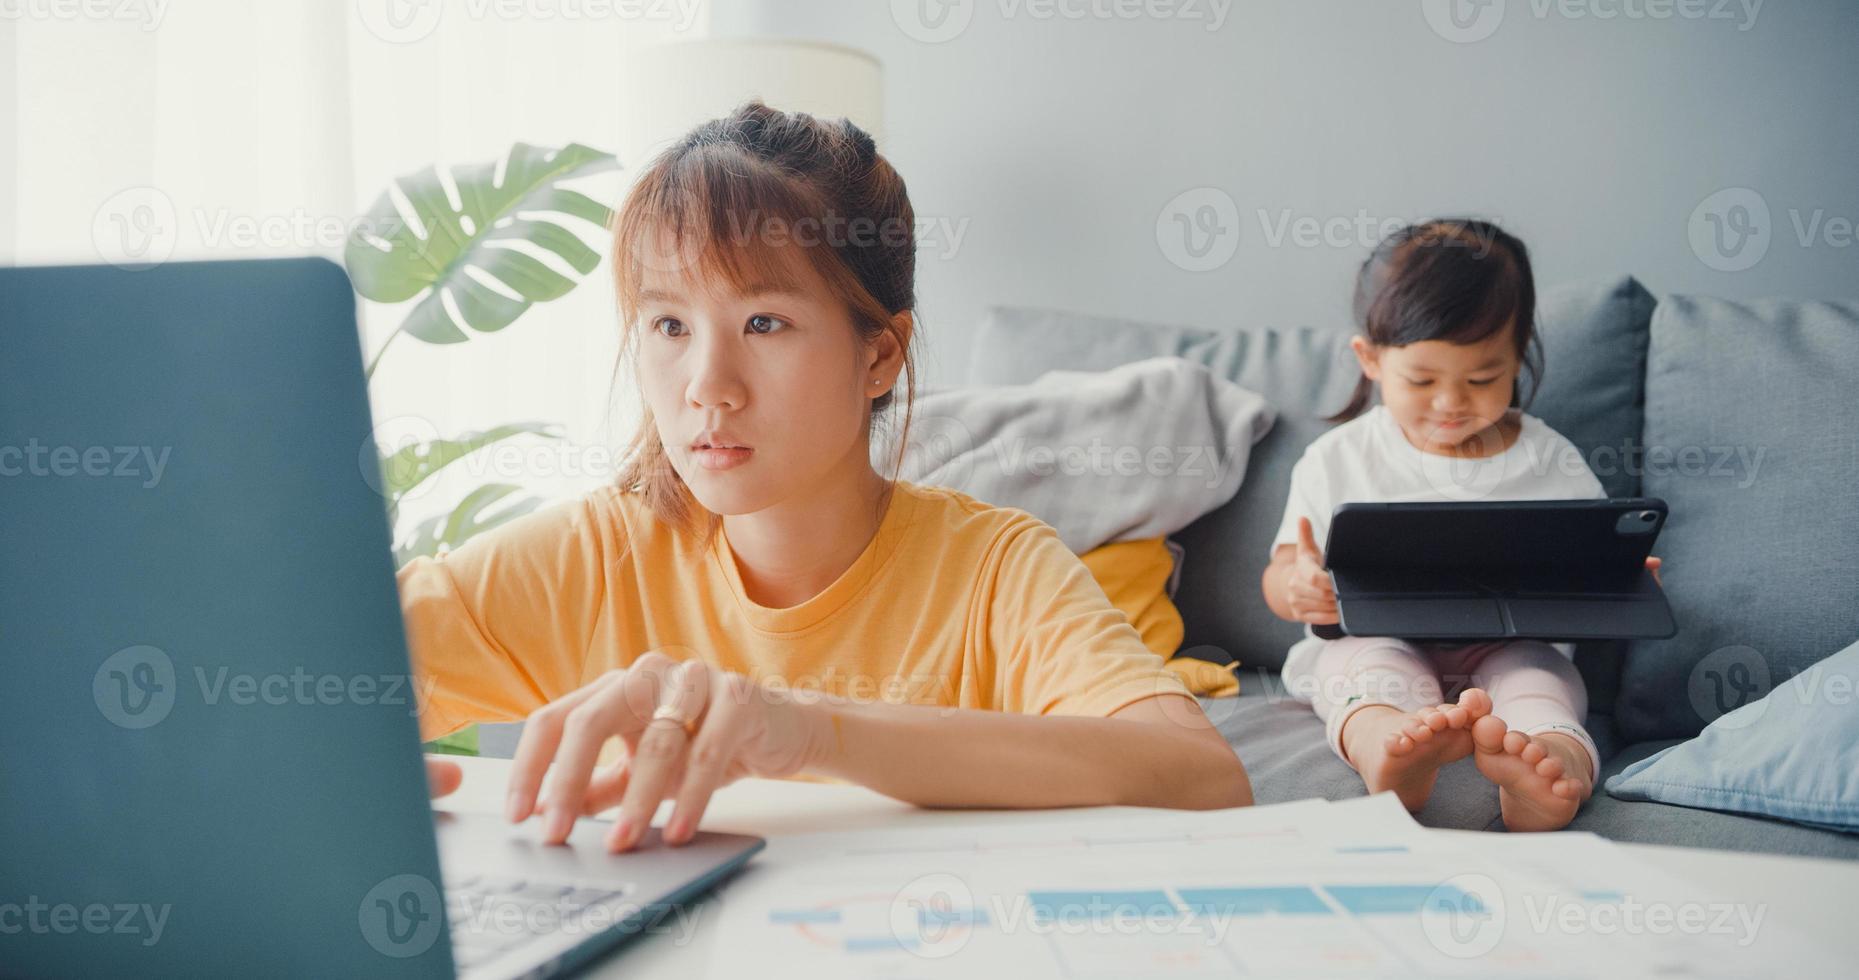 Feliz madre de familia de Asia alegre usando la computadora portátil con su hijo mantenga la caricatura de interés de la tableta en el sofá mientras trabaja desde la casa en la sala de estar. distanciamiento social, cuarentena para la prevención del coronavirus. foto